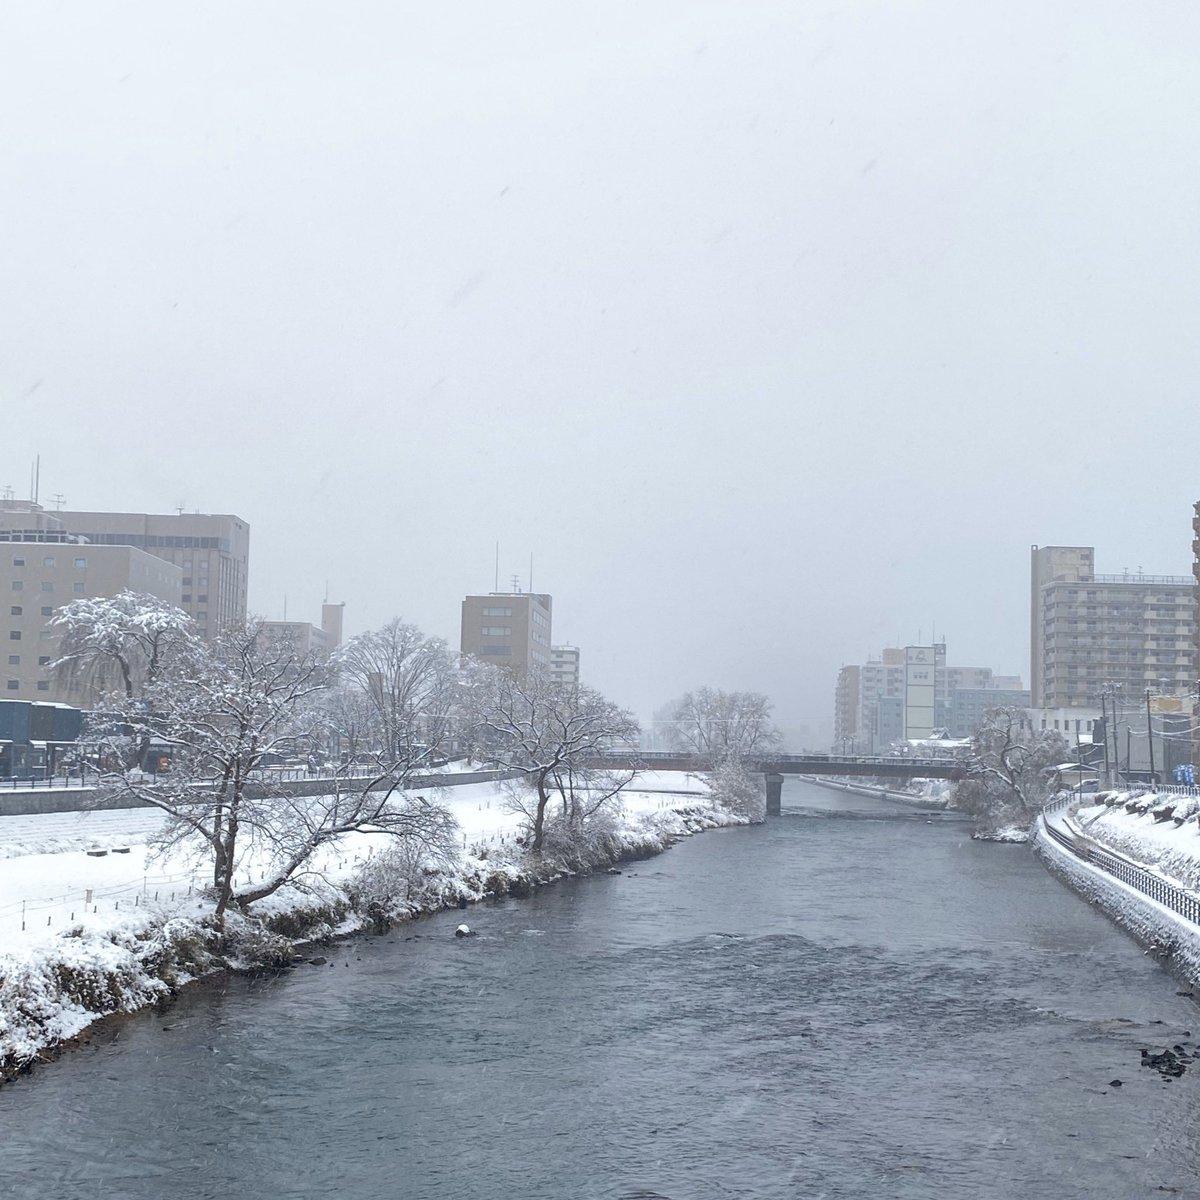 2019/12/27 盛岡市の開運橋から撮影。雪が降っています。みなさま、安全第一でお過ごしください。 #岩手 #盛岡 #北上川 #岩手においでよ